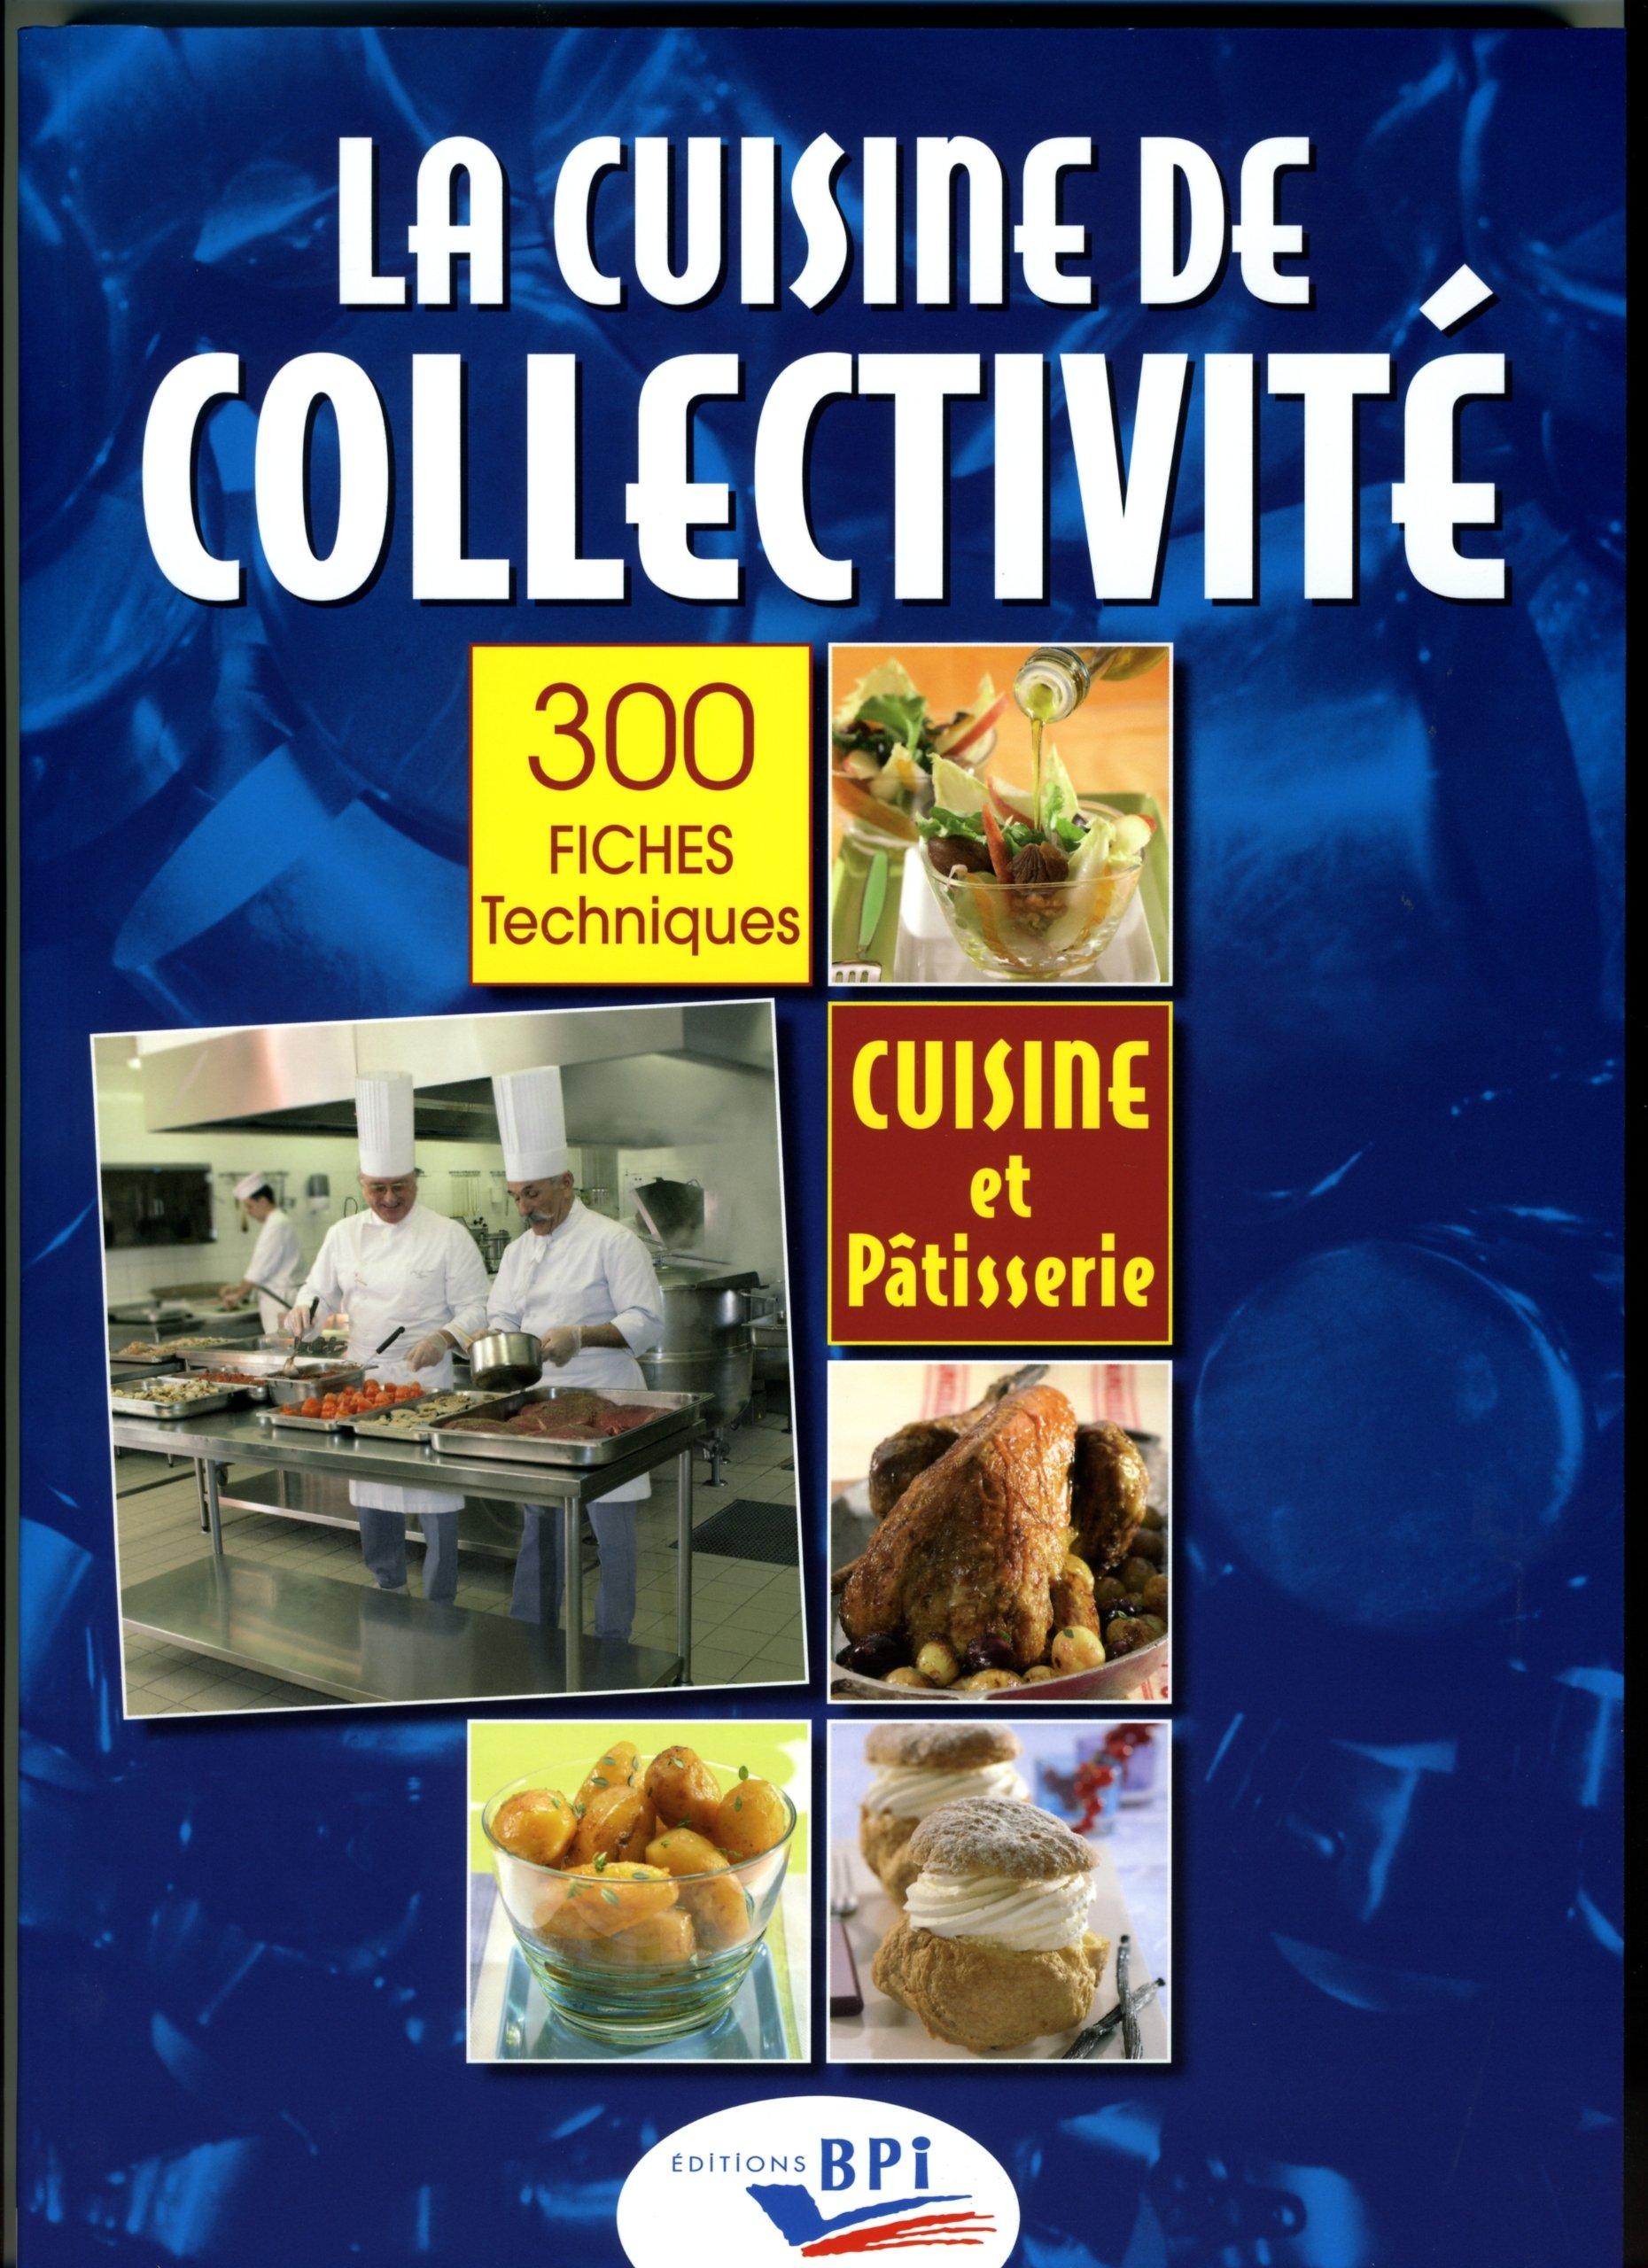 Connu recette patisserie professionnelle pdf sp28 aieasyspain - La cuisine professionnelle pdf ...